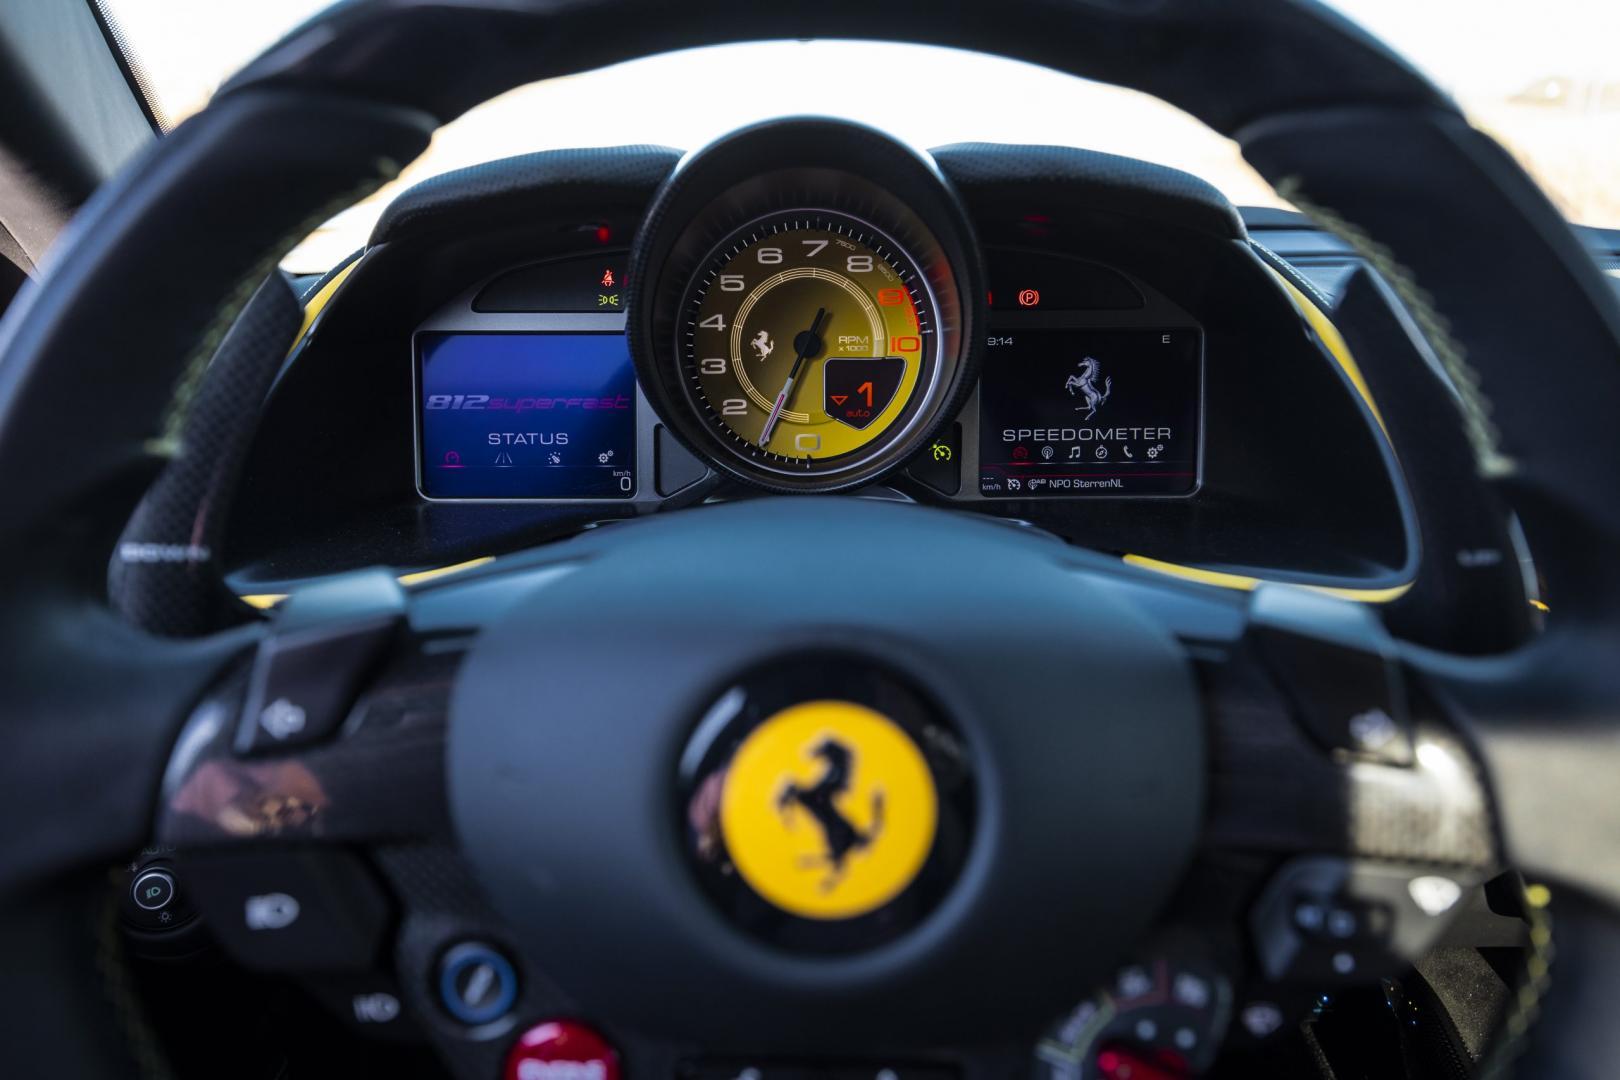 Brabus 800 vs Ferrari 812 Superfast